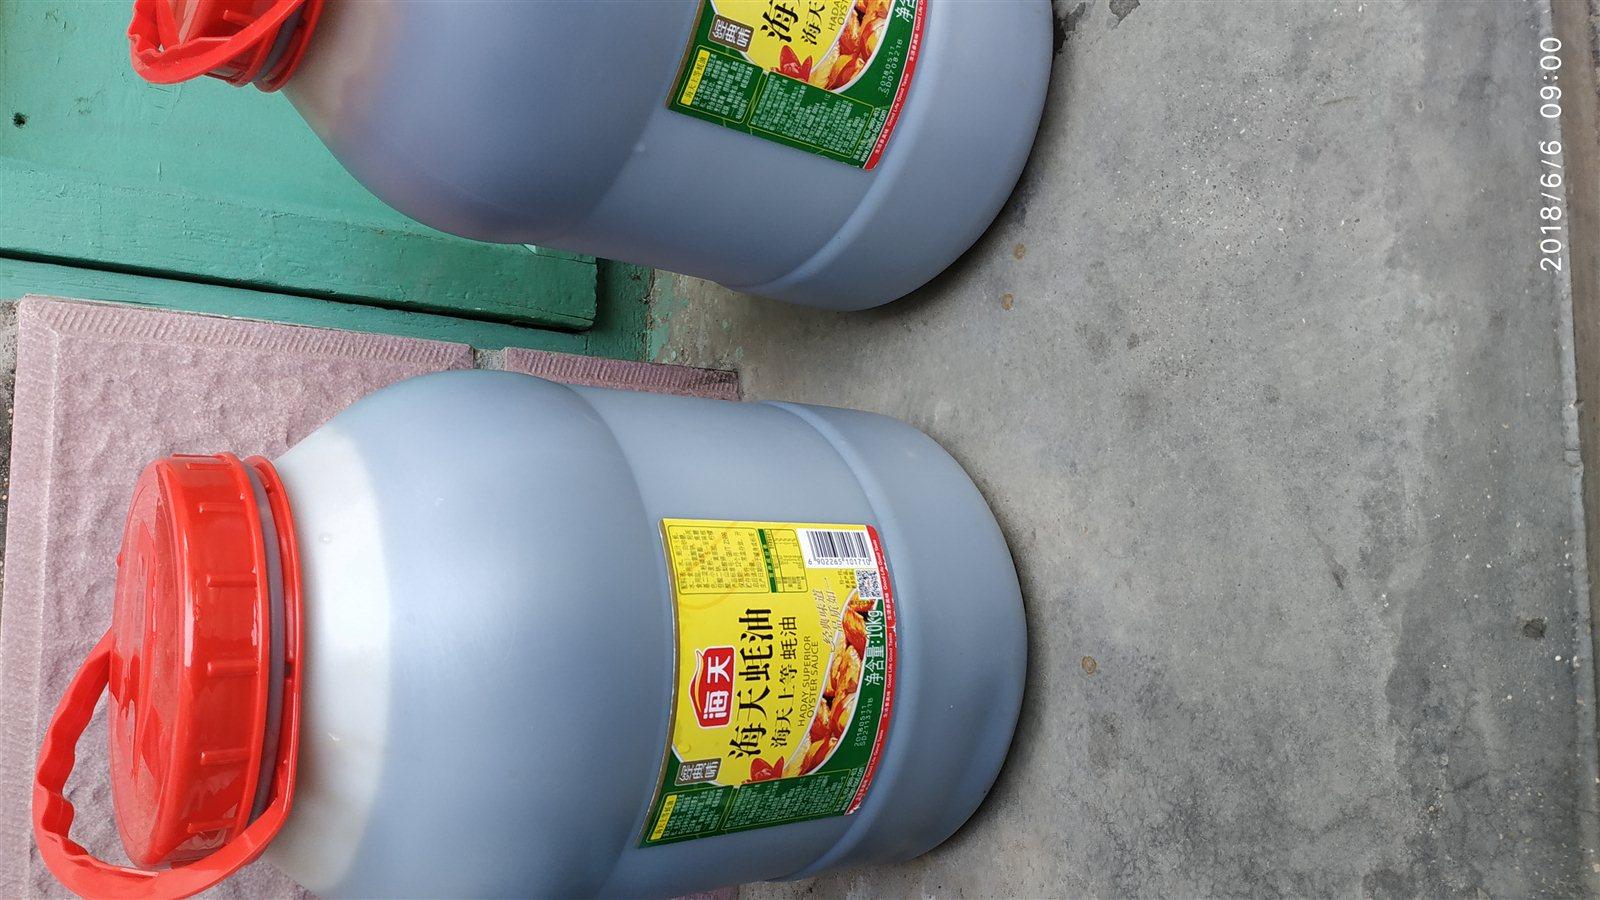 海天大米新日期,十公斤便宜v海天蚝油中碳水化图片